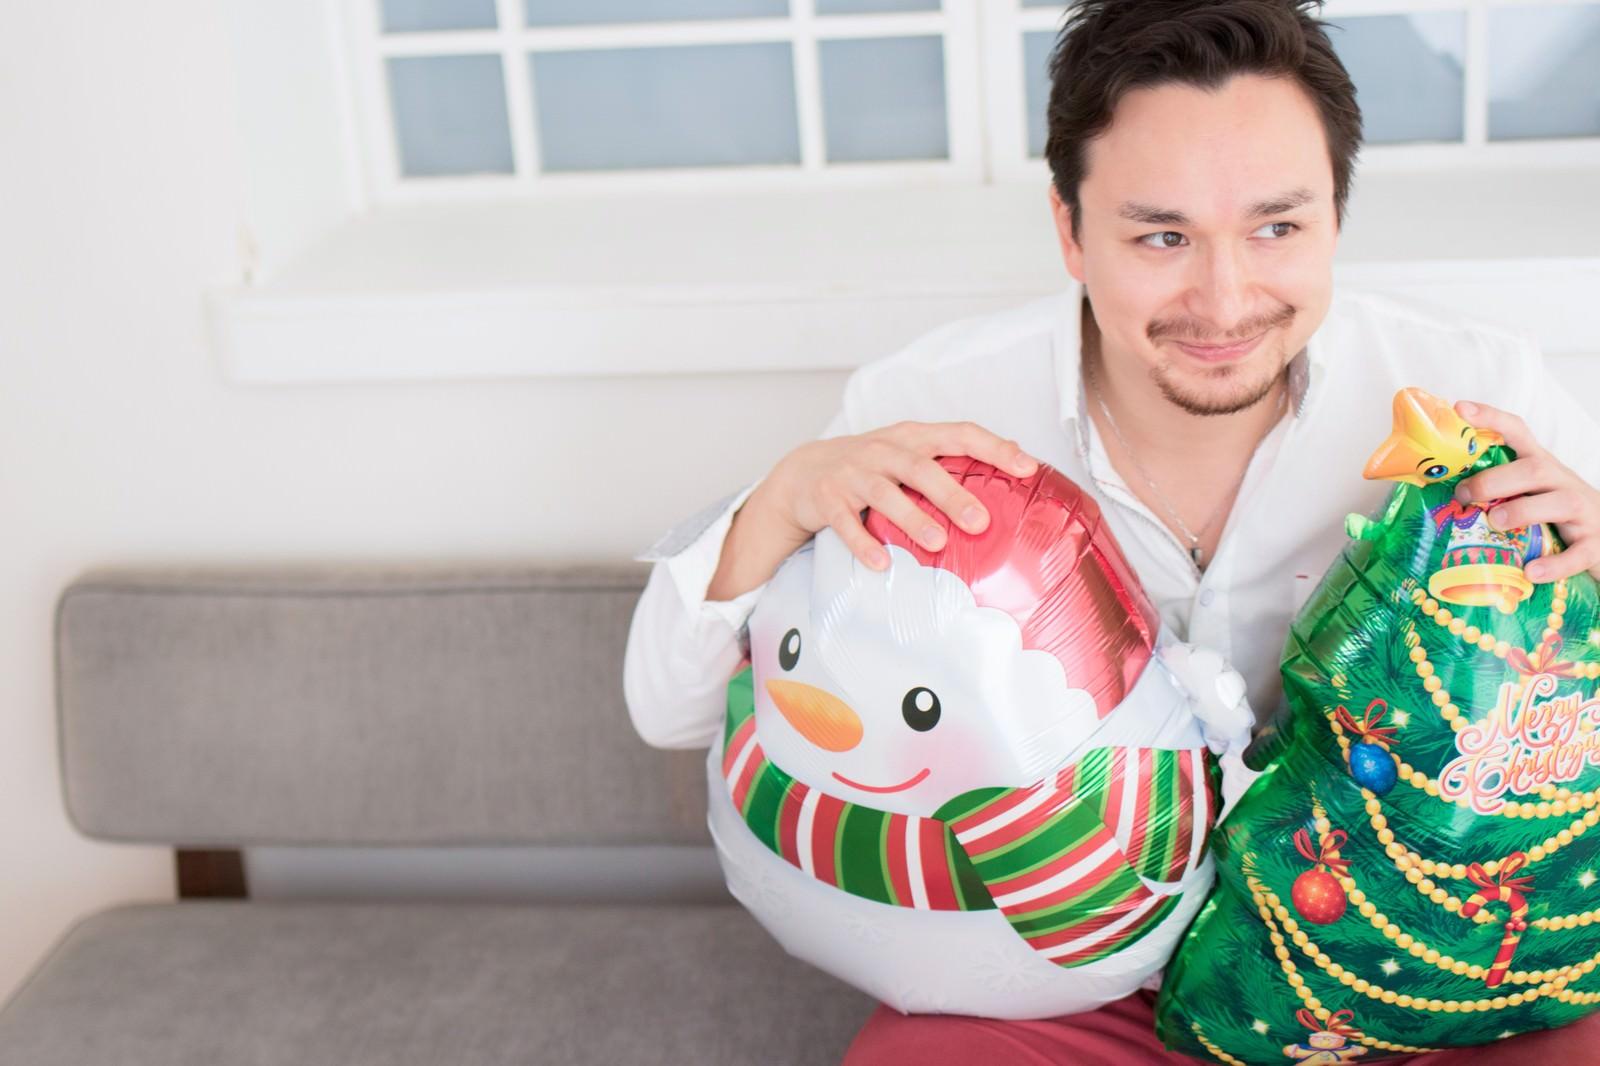 「クリスマスグッズを準備して、ガールフレンドが来るのをワクワクしながら待つハーフ」の写真[モデル:Max_Ezaki]